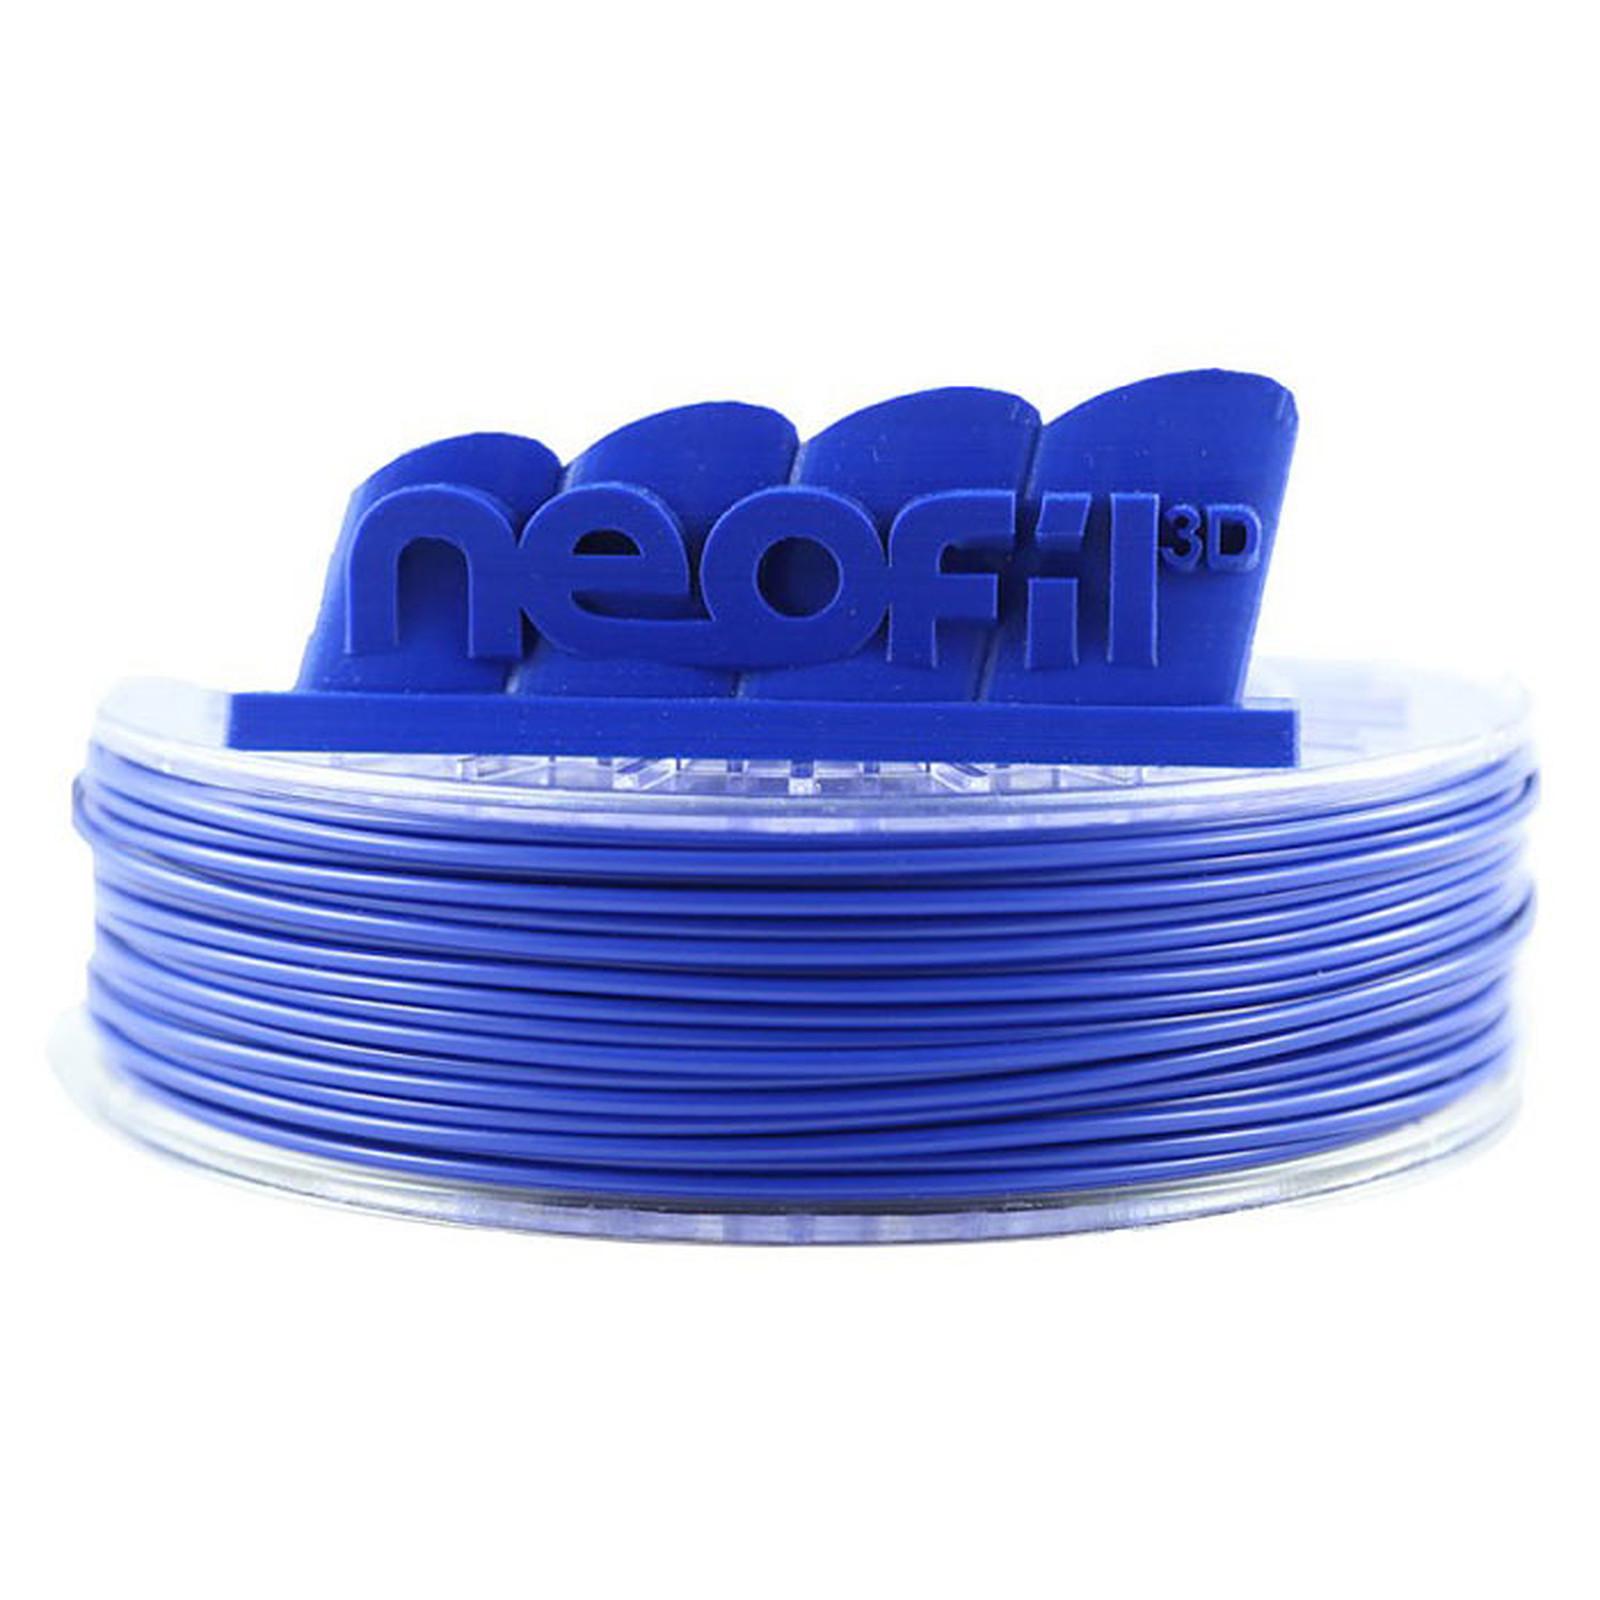 Neofil3D Bobine ABS 1.75mm 750g - Bleu foncé